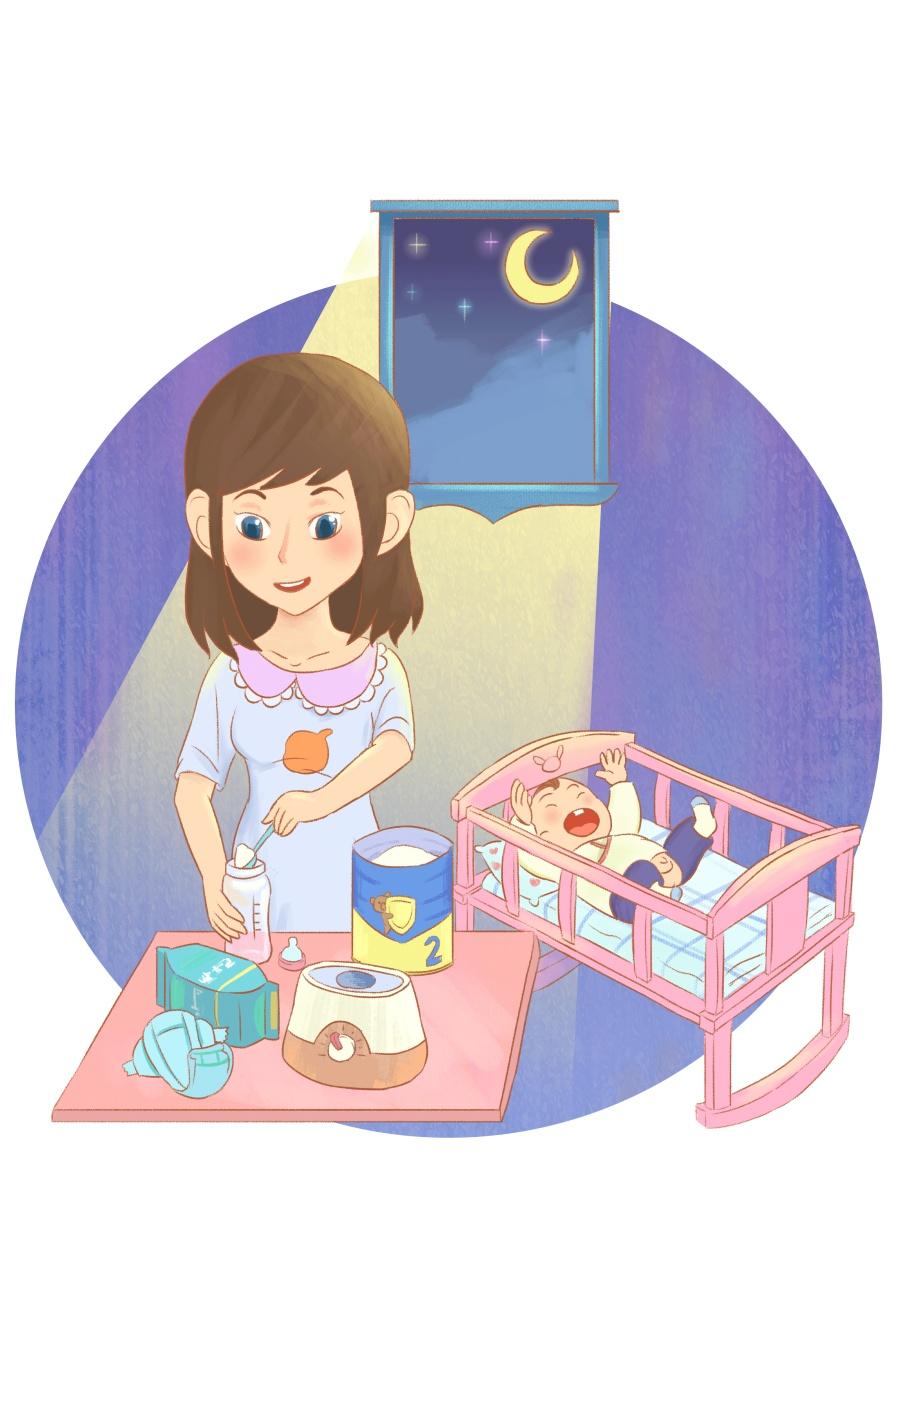 母婴插画_母婴绘画插画矢量图片